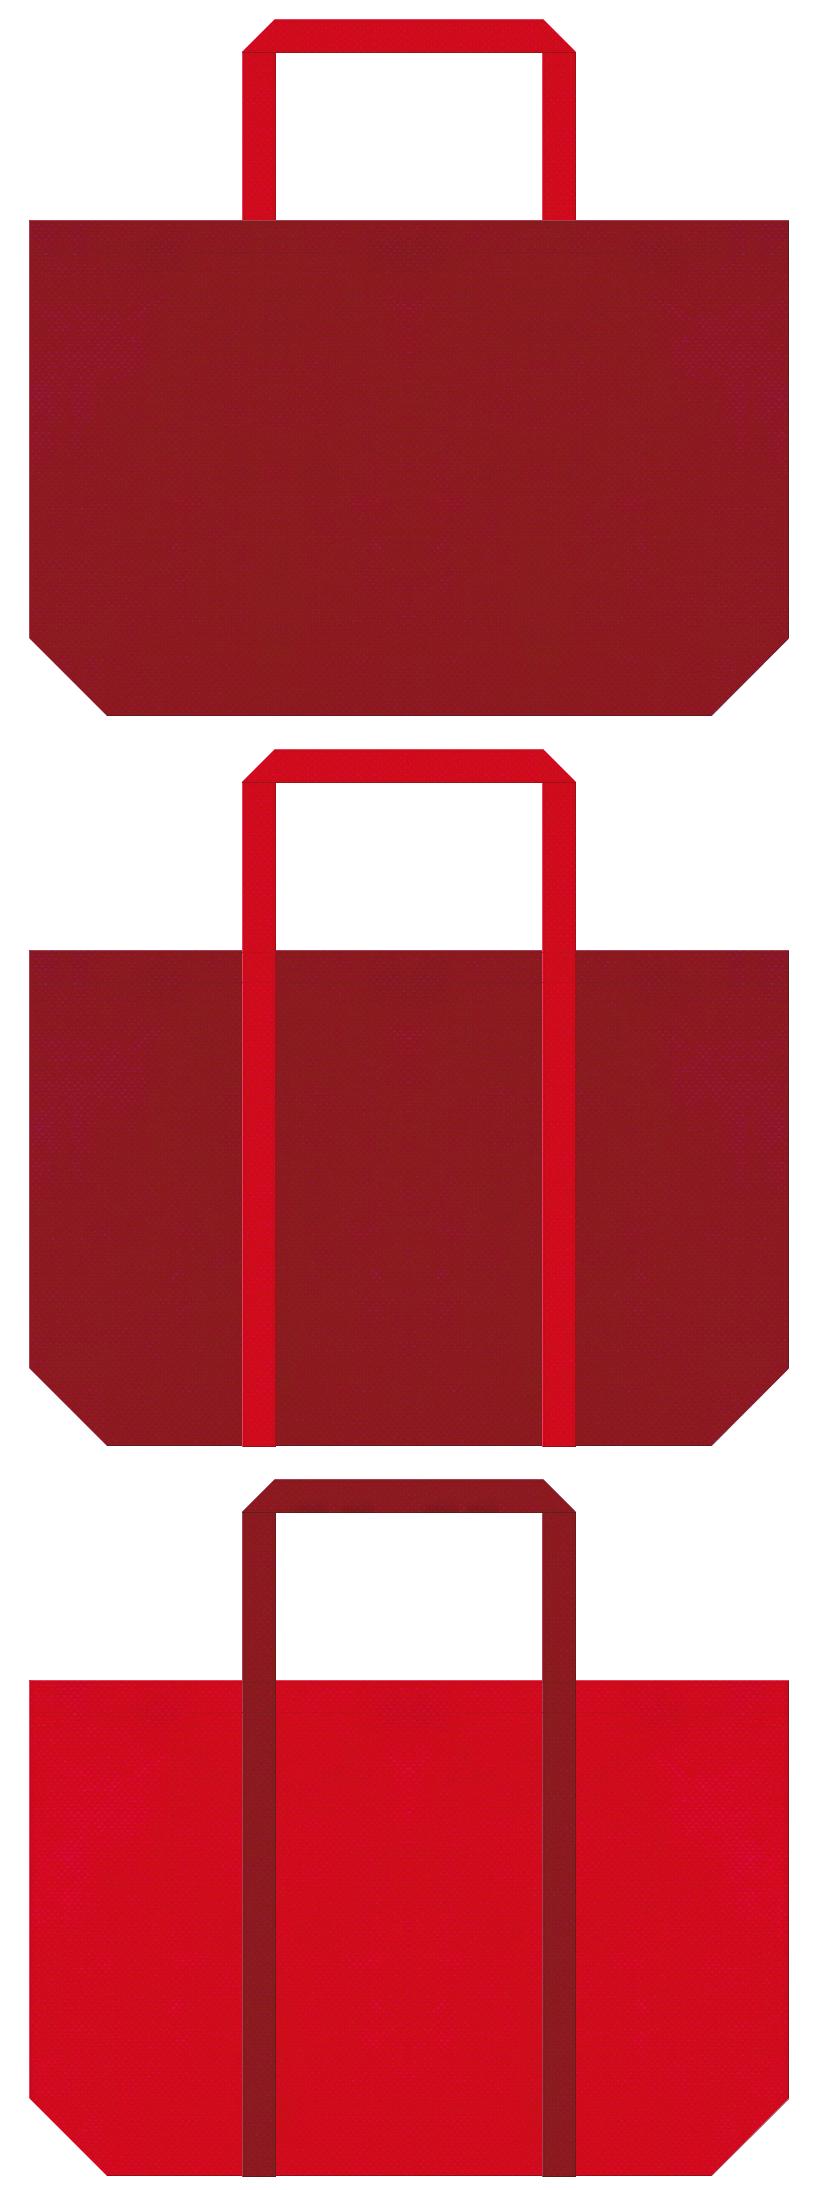 鎧兜・端午の節句・赤備え・お城イベント・紅葉・観光土産・クリスマス・暖炉・ストーブ・お正月・福袋にお奨め:エンジ色と紅色の不織布ショッピングバッグのデザイン